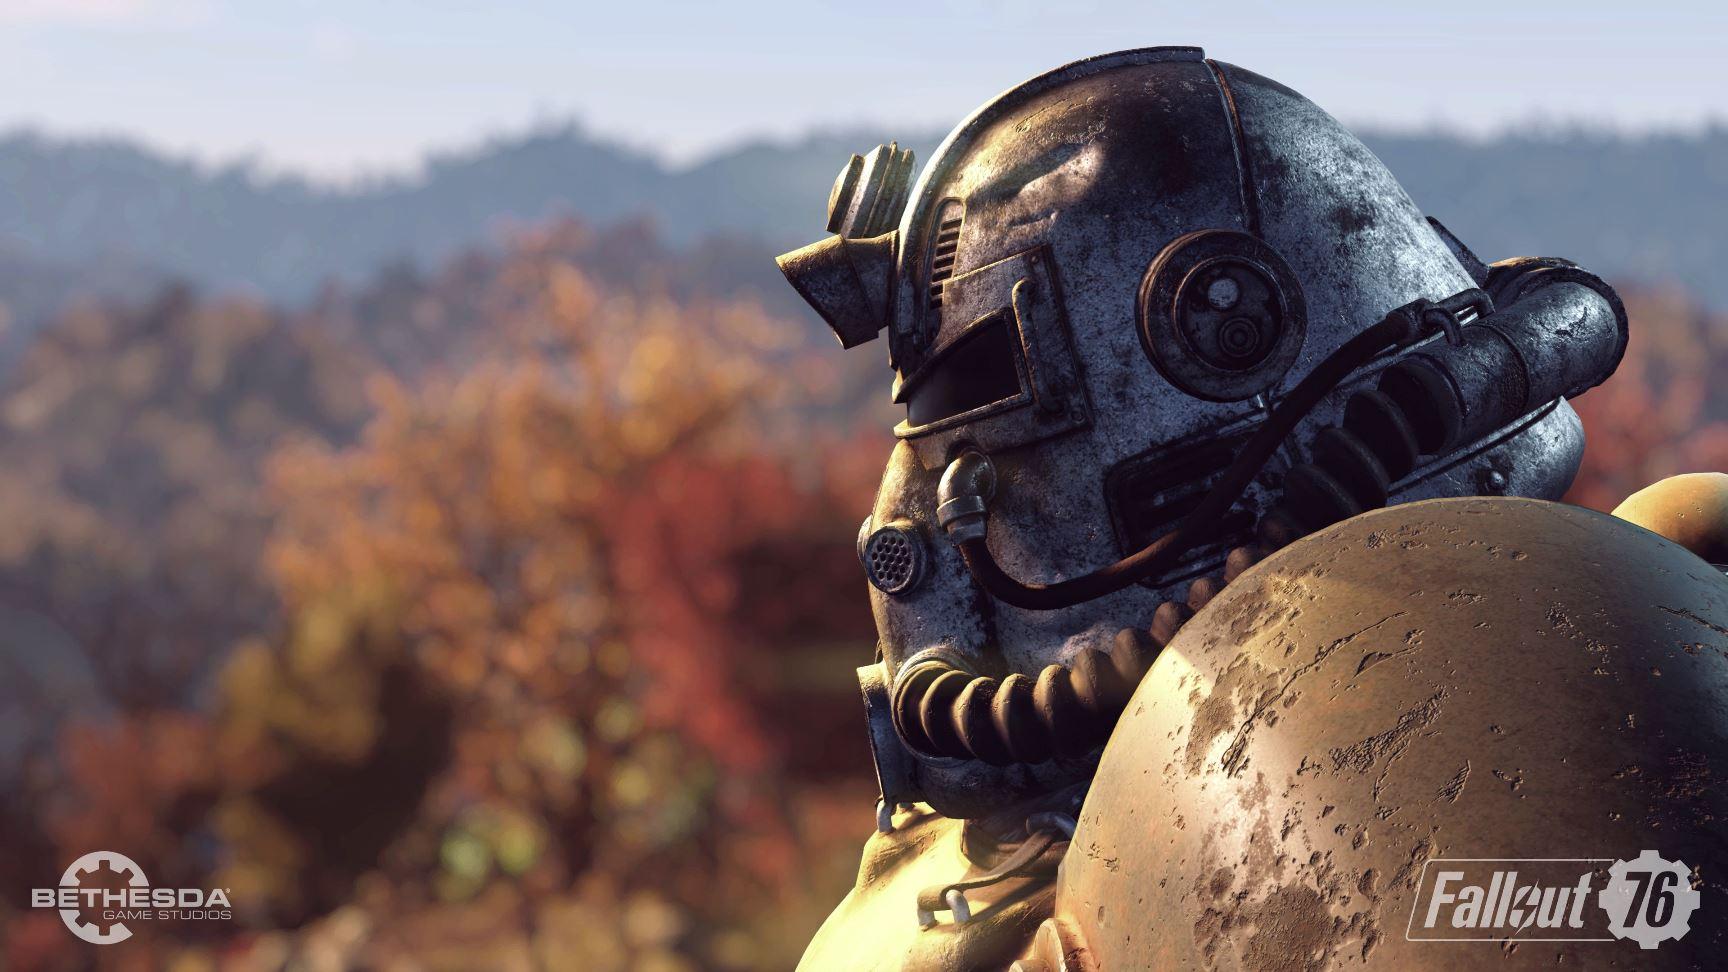 Fallout 76, Bethesda Game Studios, E3 2018